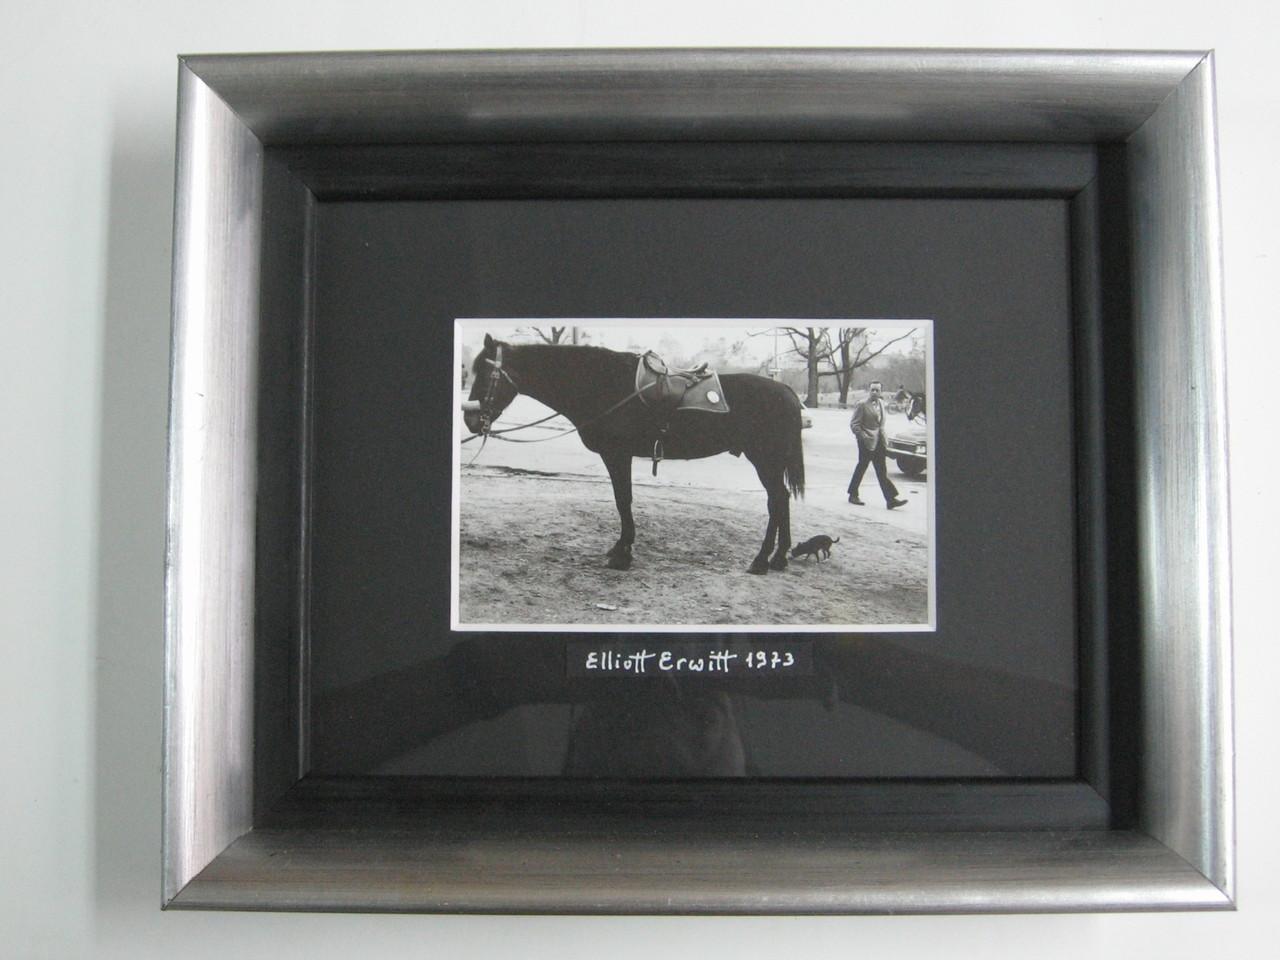 Foto d'autore in bianco/nero con cornice in foglia argento e passepartout a smusso nero.